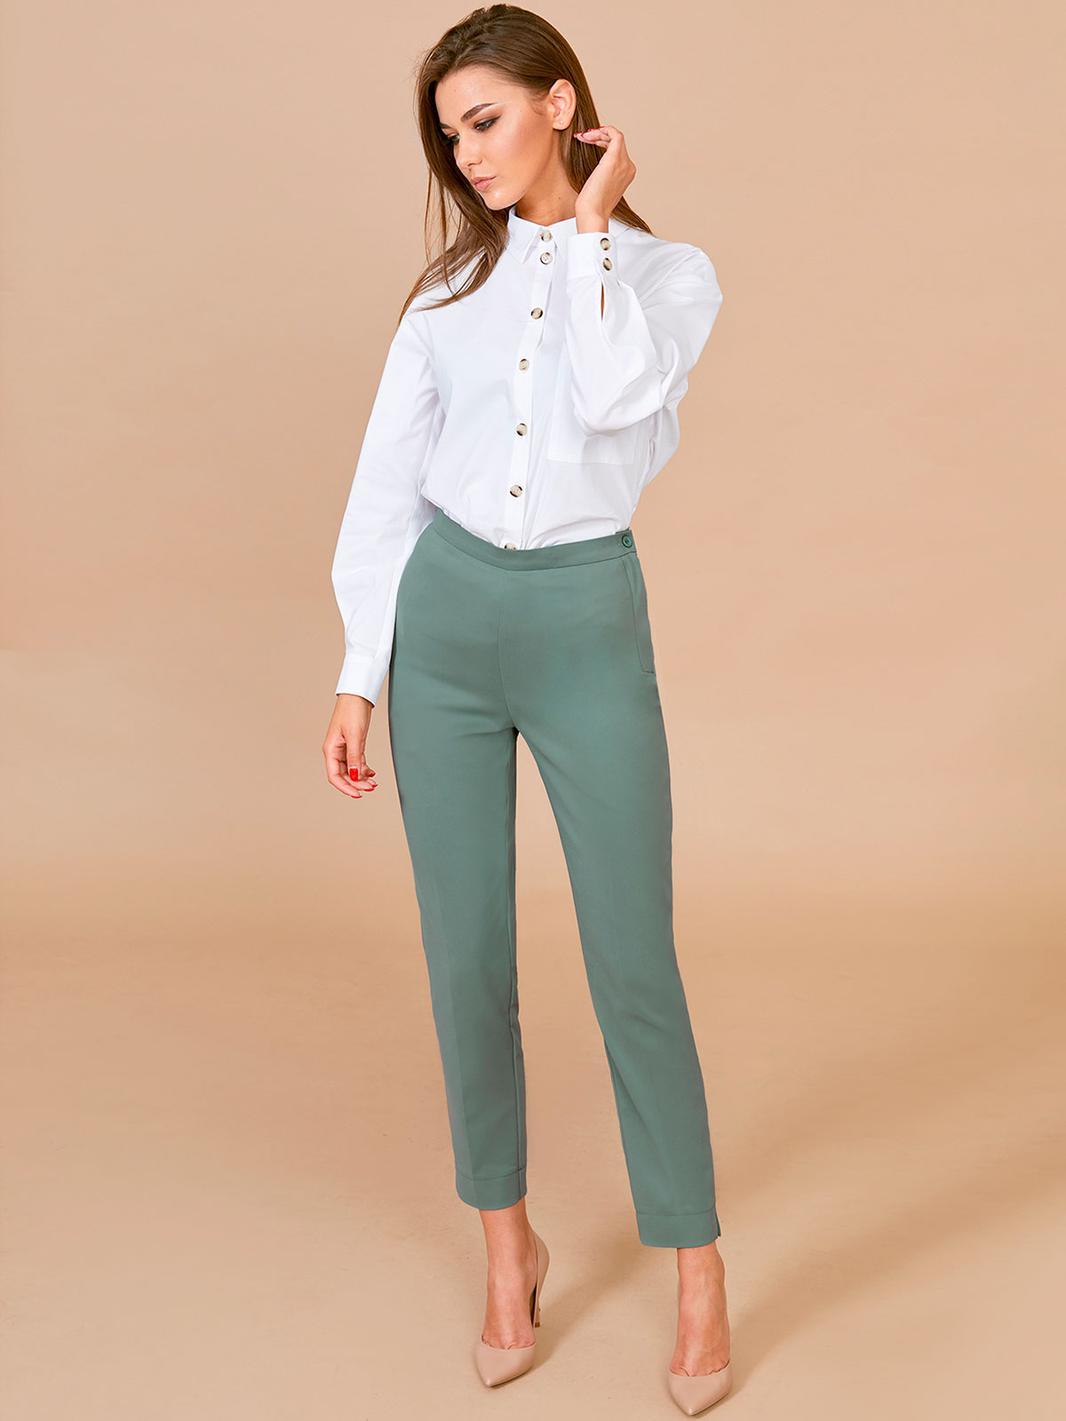 3753799559d79 Купить женские брюки в интернет-магазине в Минске, недорого